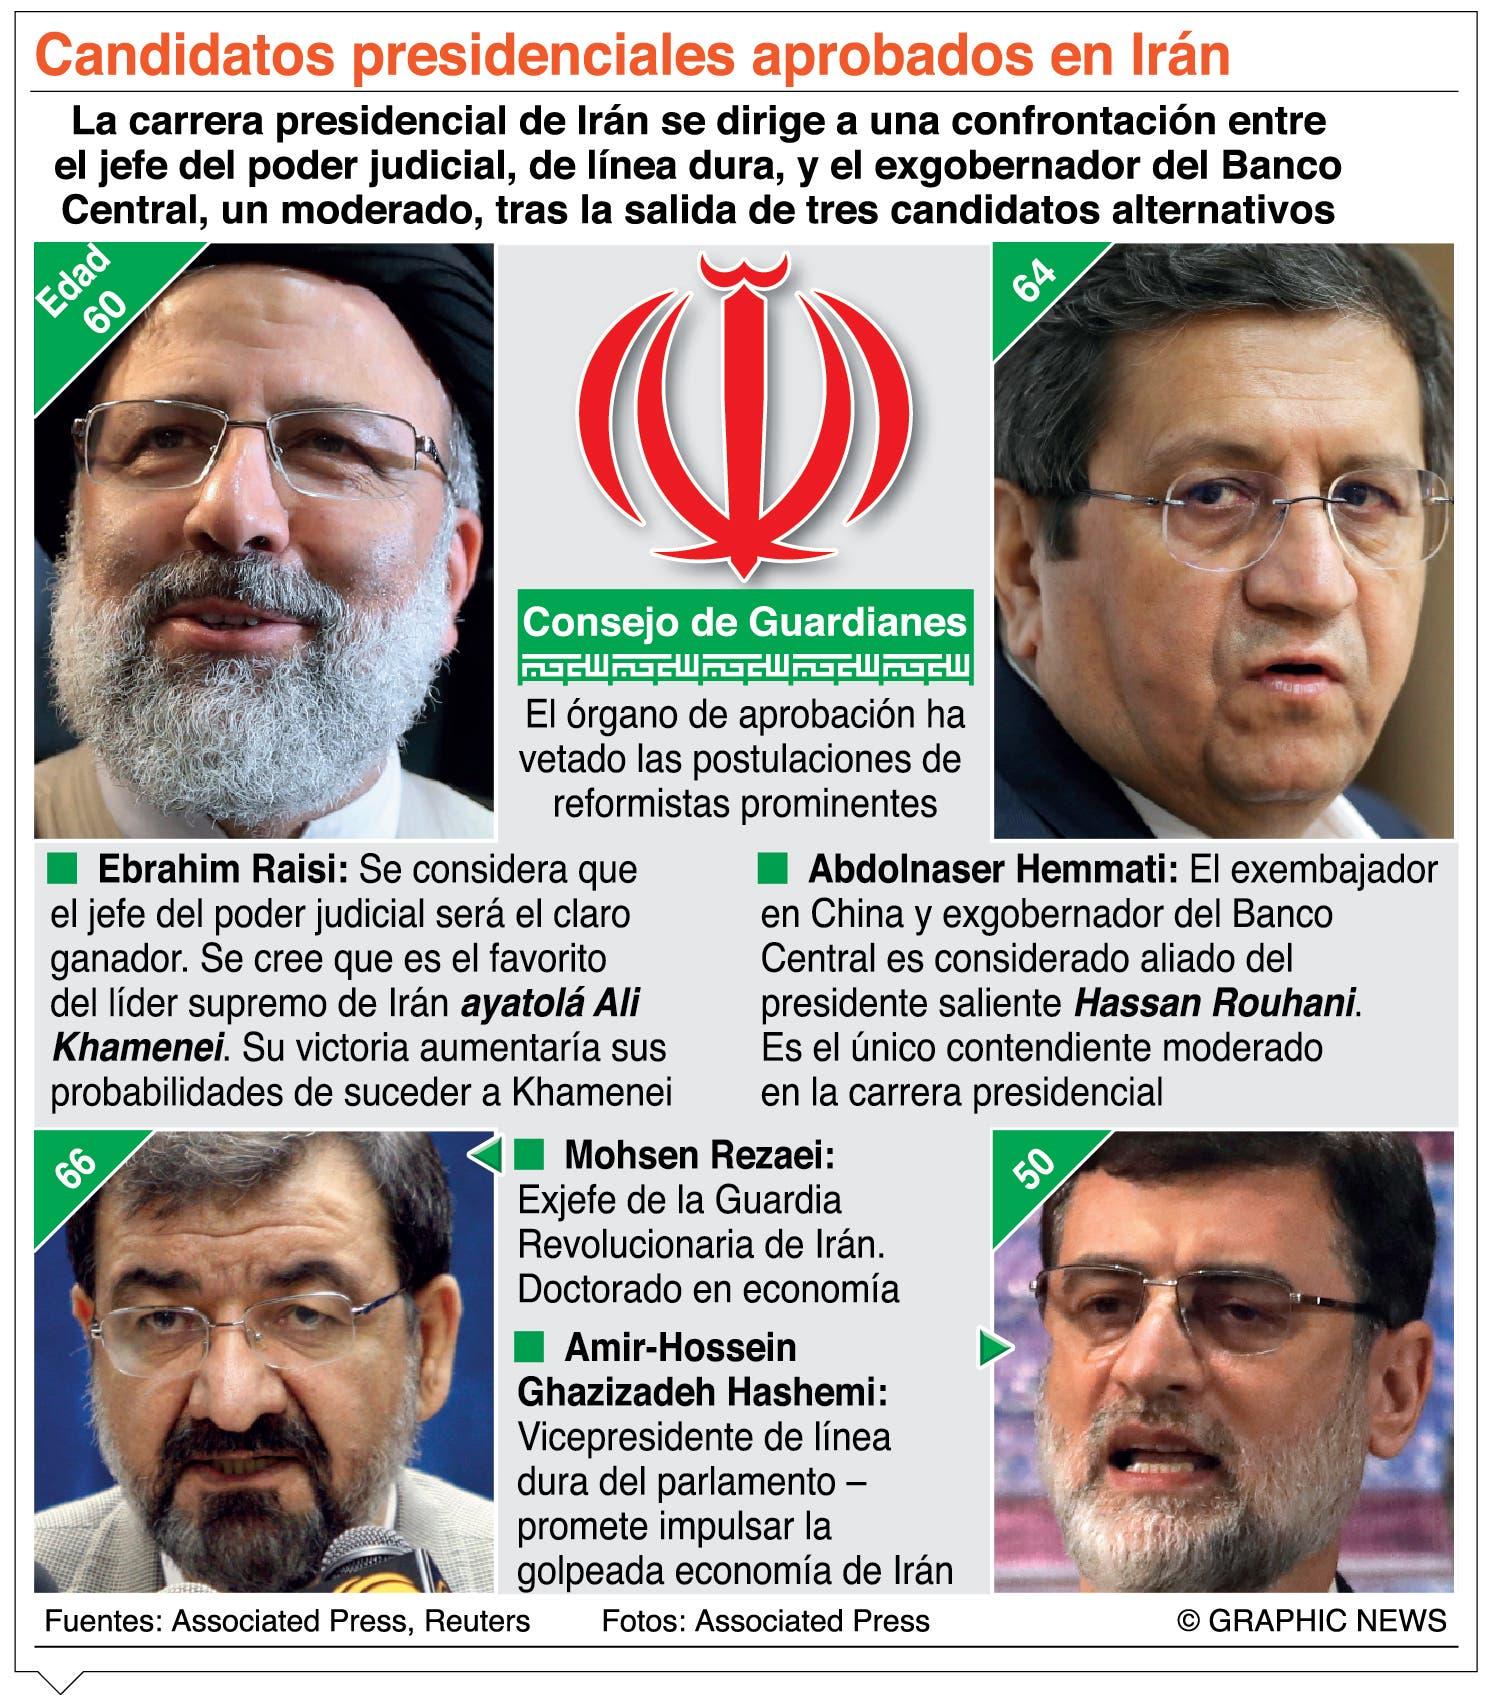 Cuatro candidatos  disputan hoy la presidencia en Irán